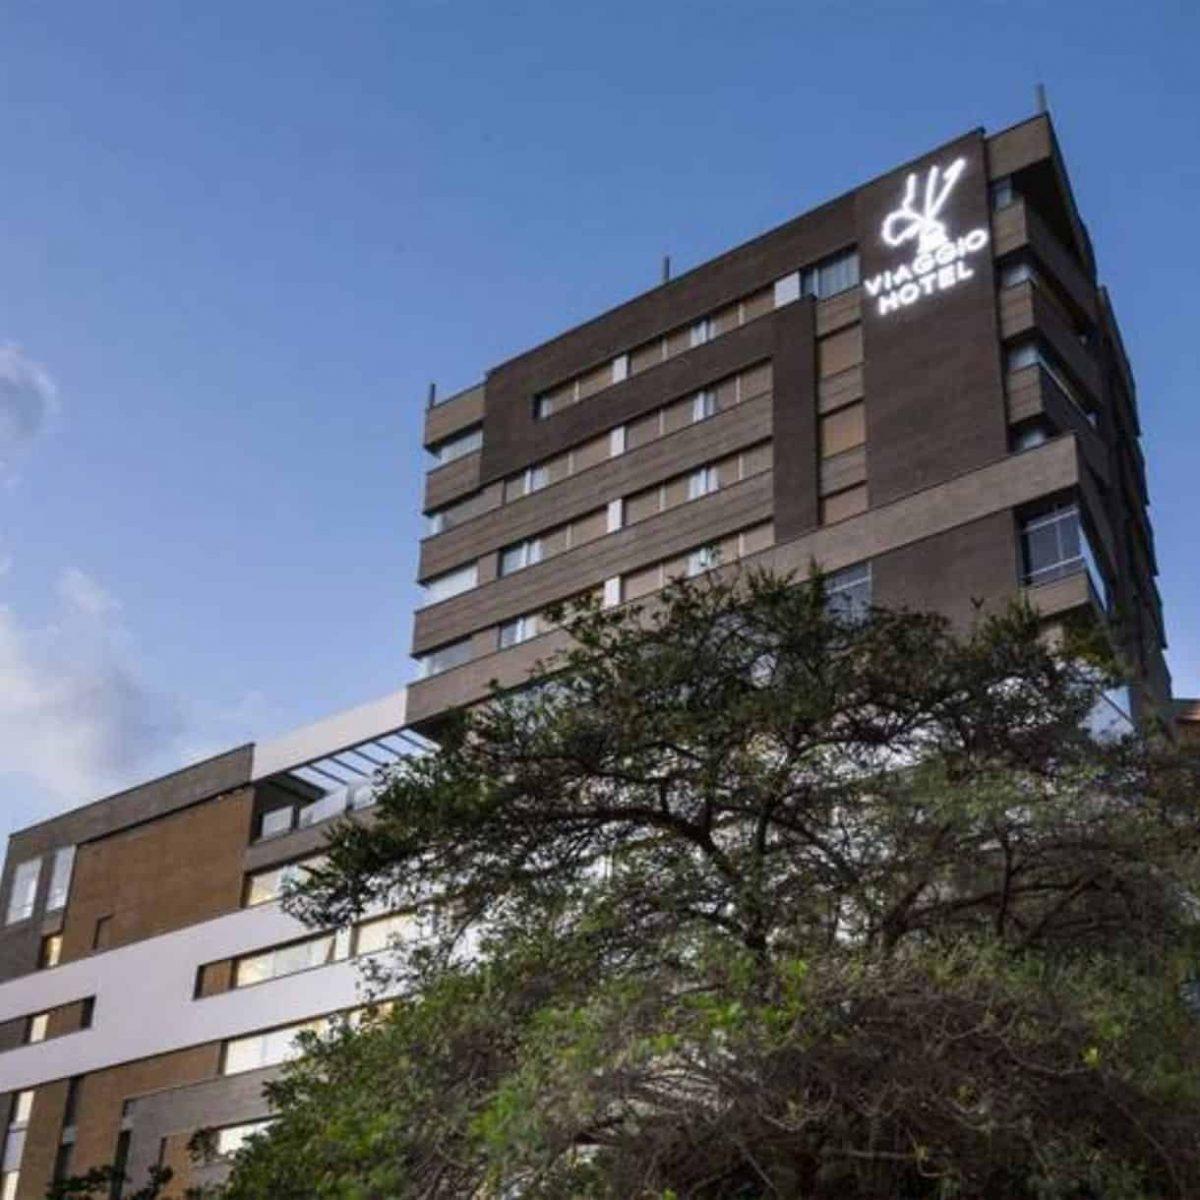 Oferta Medellín: Hotel Viaggio Medellín Desde $200.701 COP